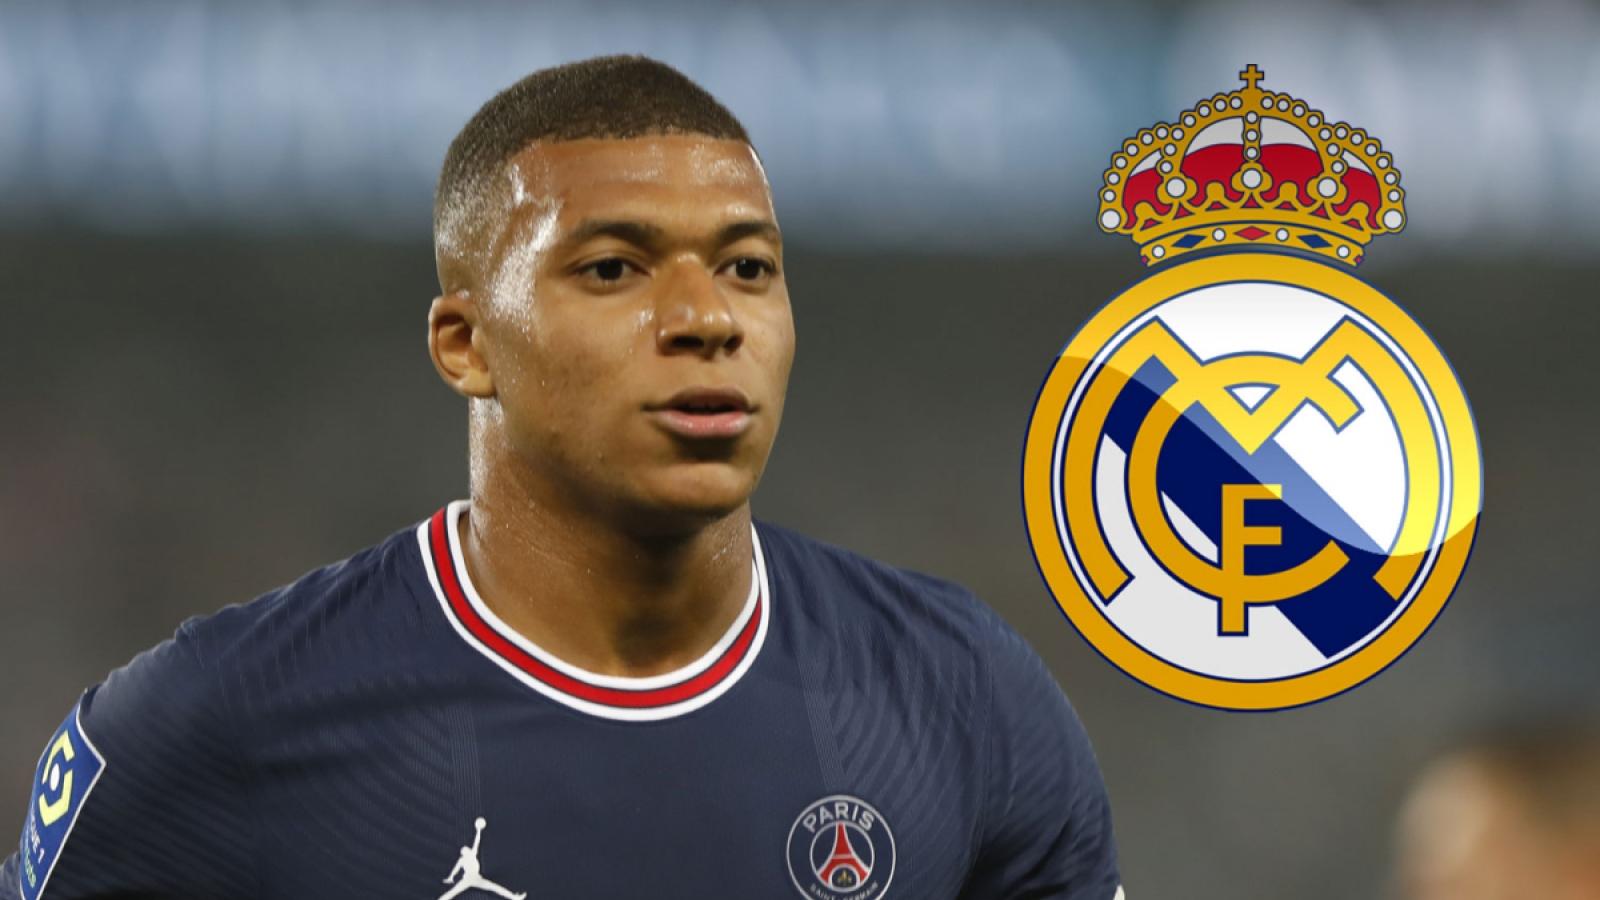 Chuyển nhượng 24/8: PSG chấp nhận bán Mbappe cho Real Madrid